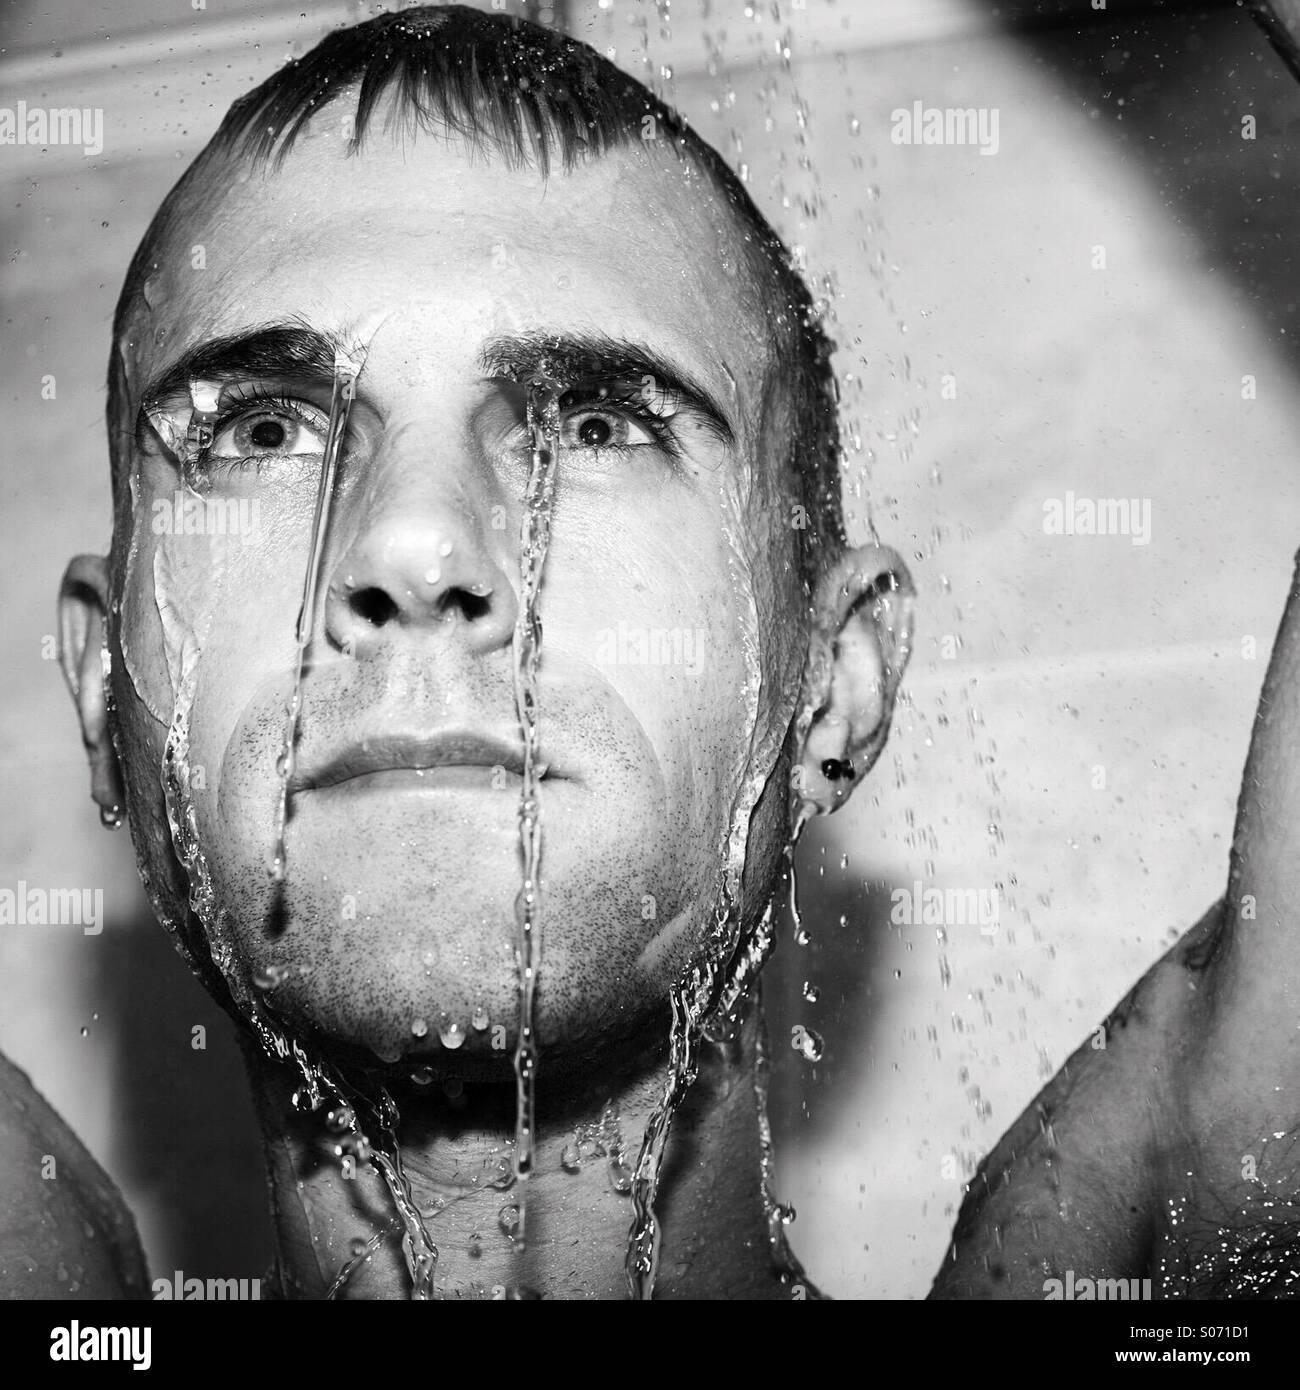 Guy in doccia con faccia umido Immagini Stock